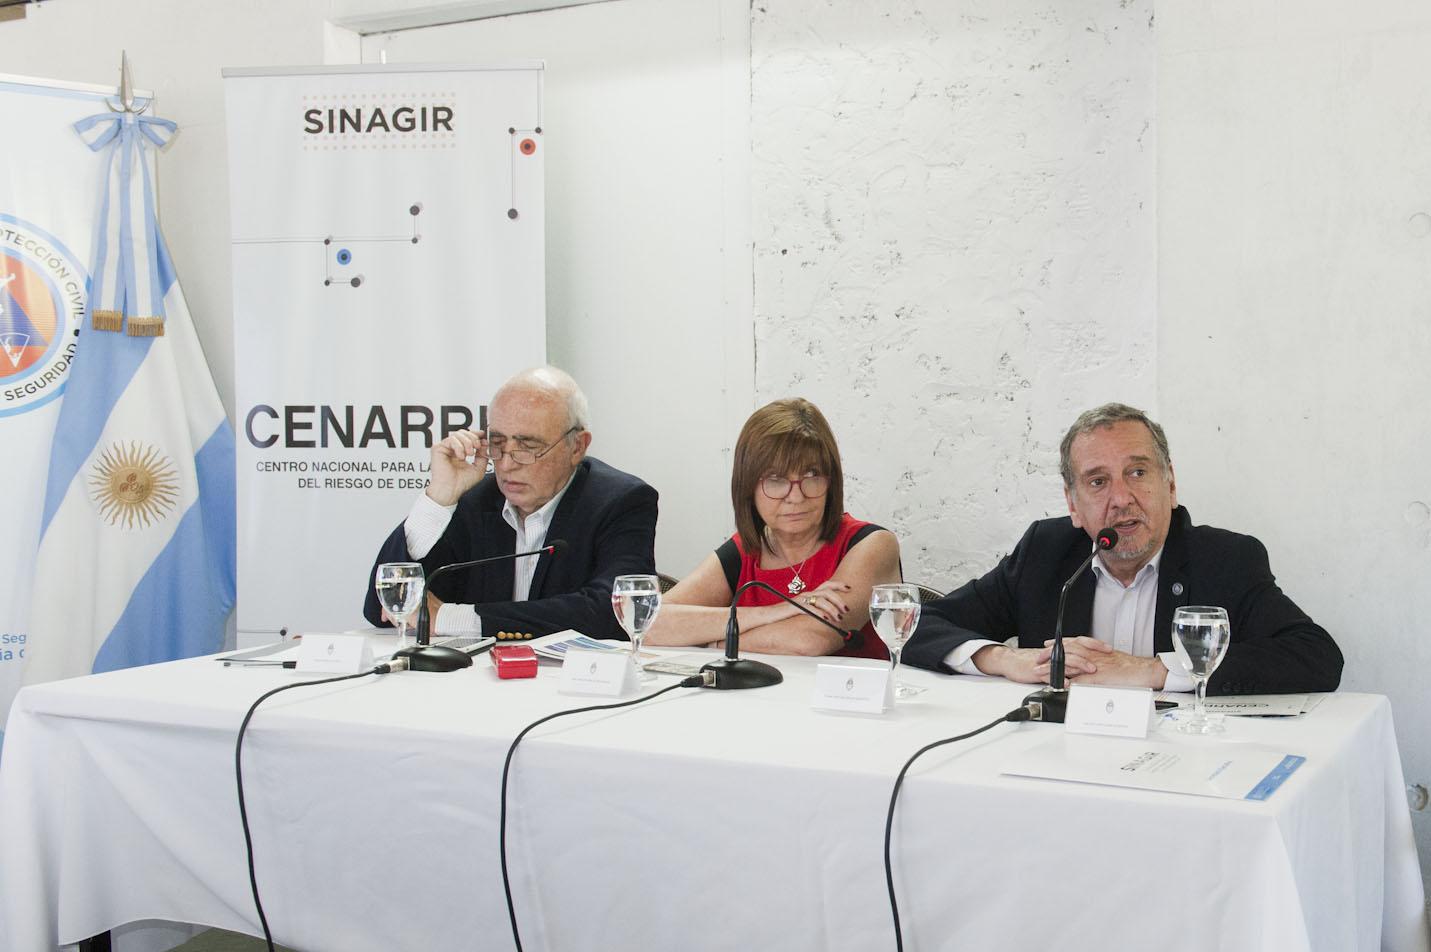 Resultado de imagen para Se firmó un convenio para la puesta en marcha del Centro Nacional para la reducción del riesgo de desastres